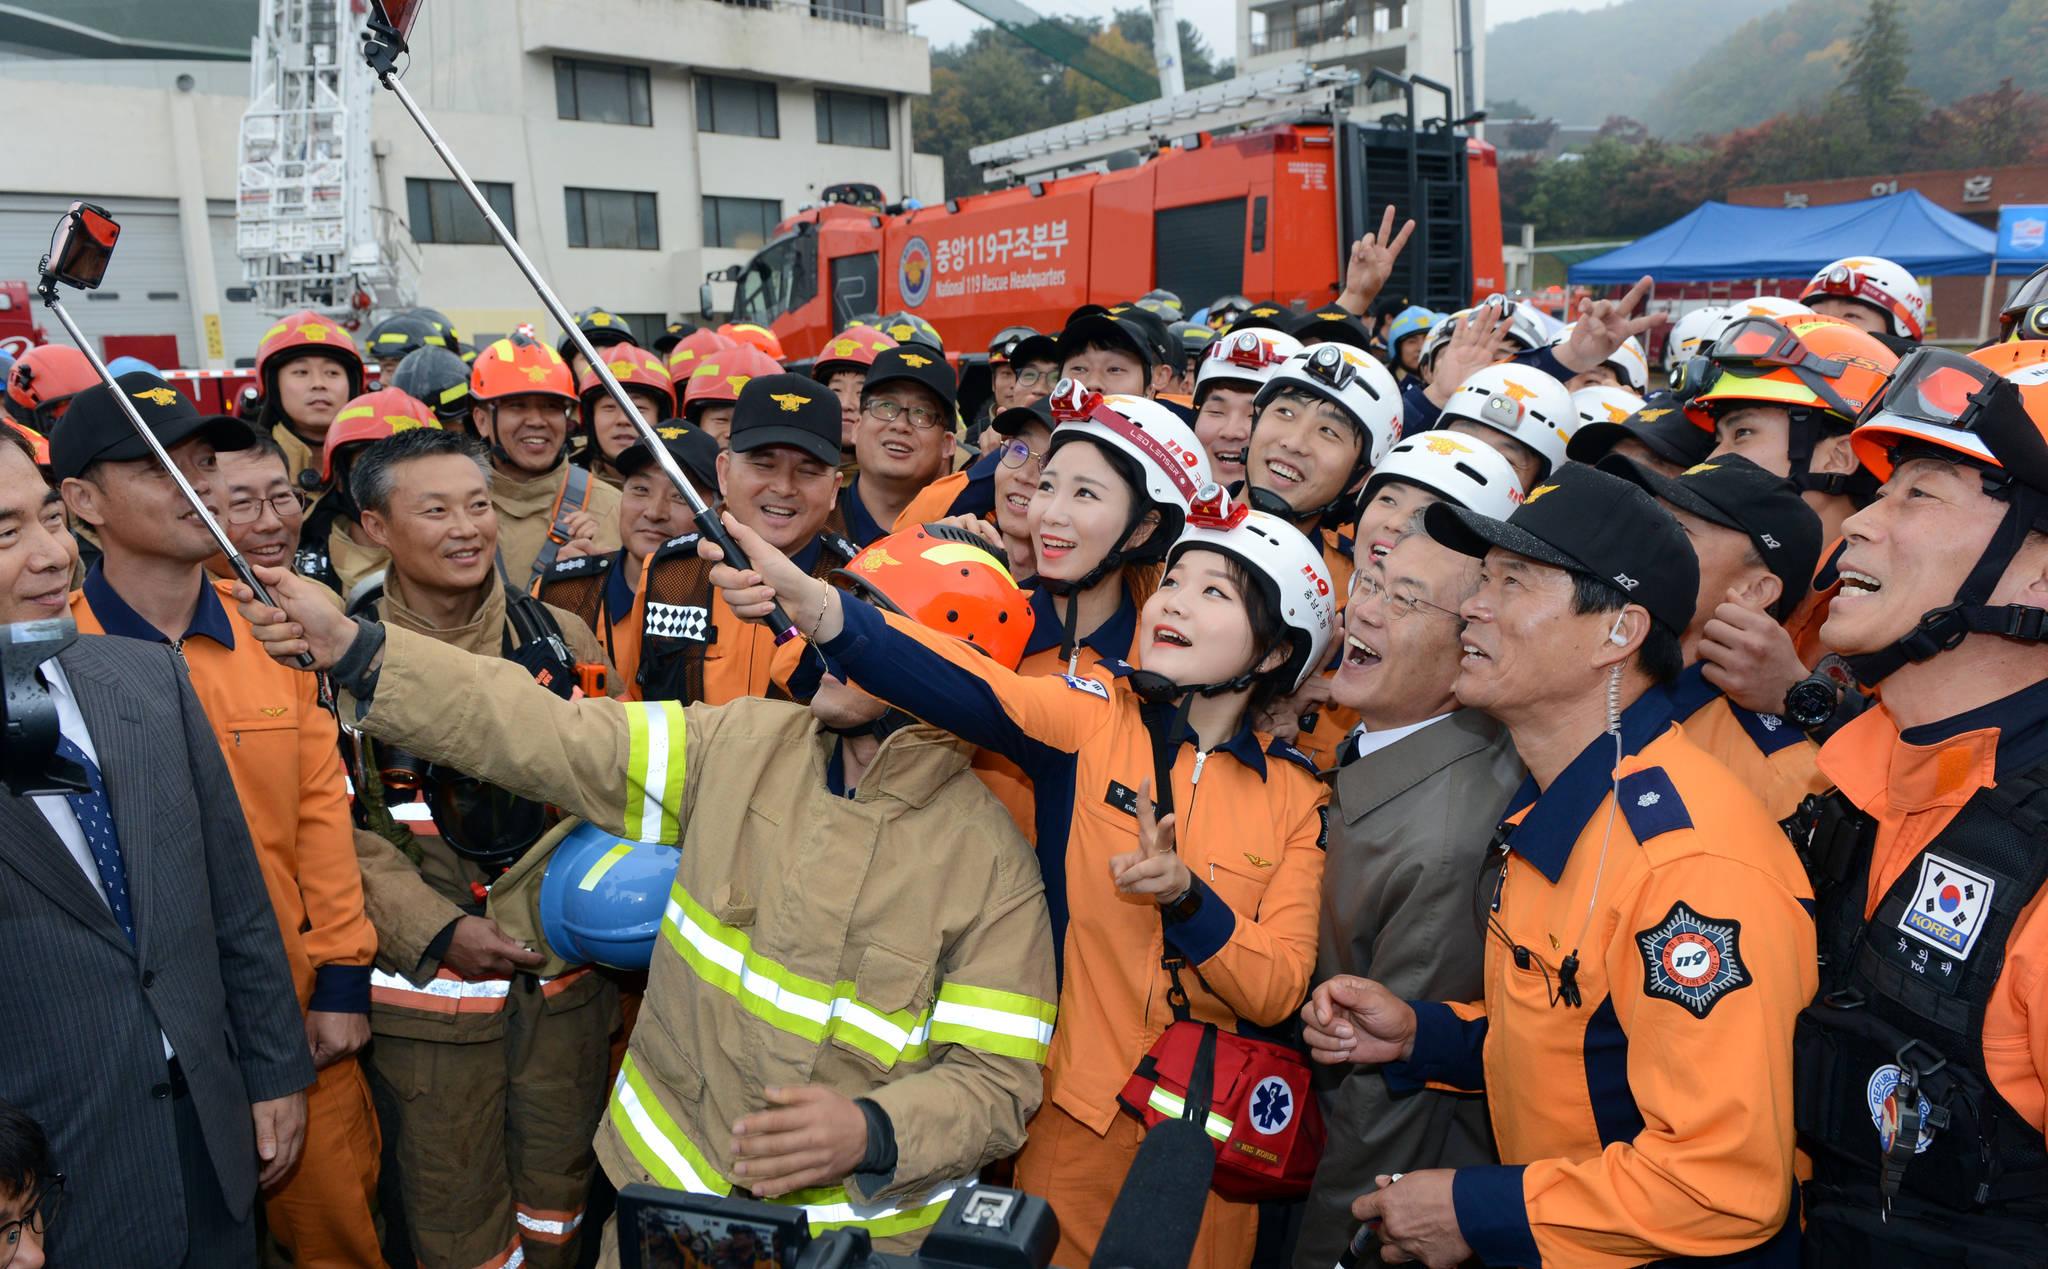 지난 3일 충남 천안 소방학교에서 열린 소방의 날 행사에 참석한 문재인 대통령이 행사를 마친 후 소방관들과 기념촬영을 하고 있다.청와대사진기자단